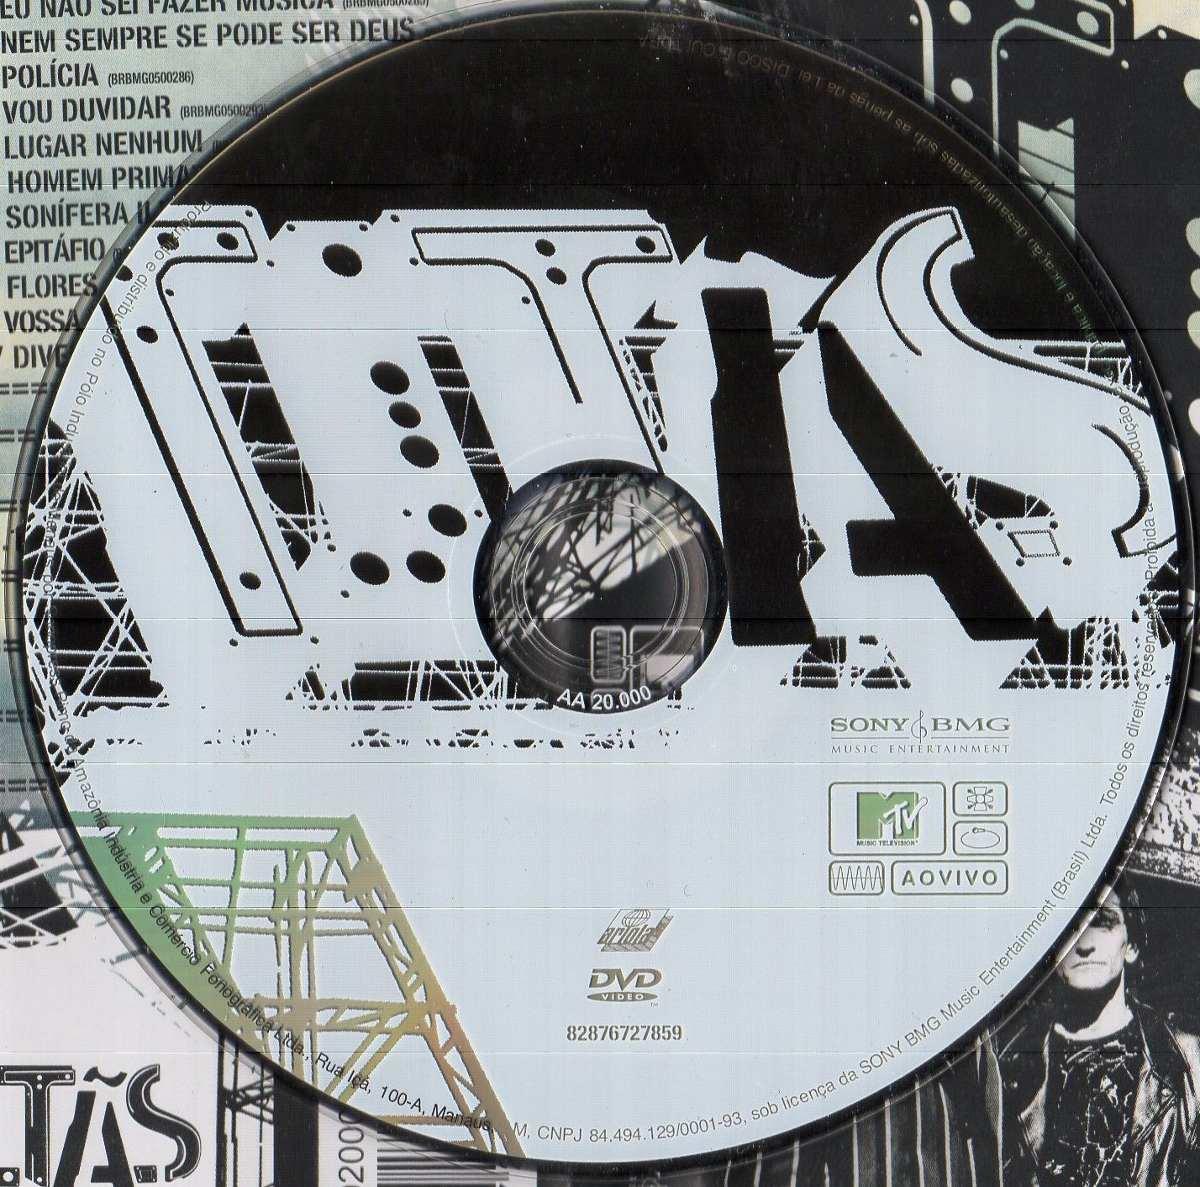 RAIMUNDOS OS BAIXAR TODOS CDS DO